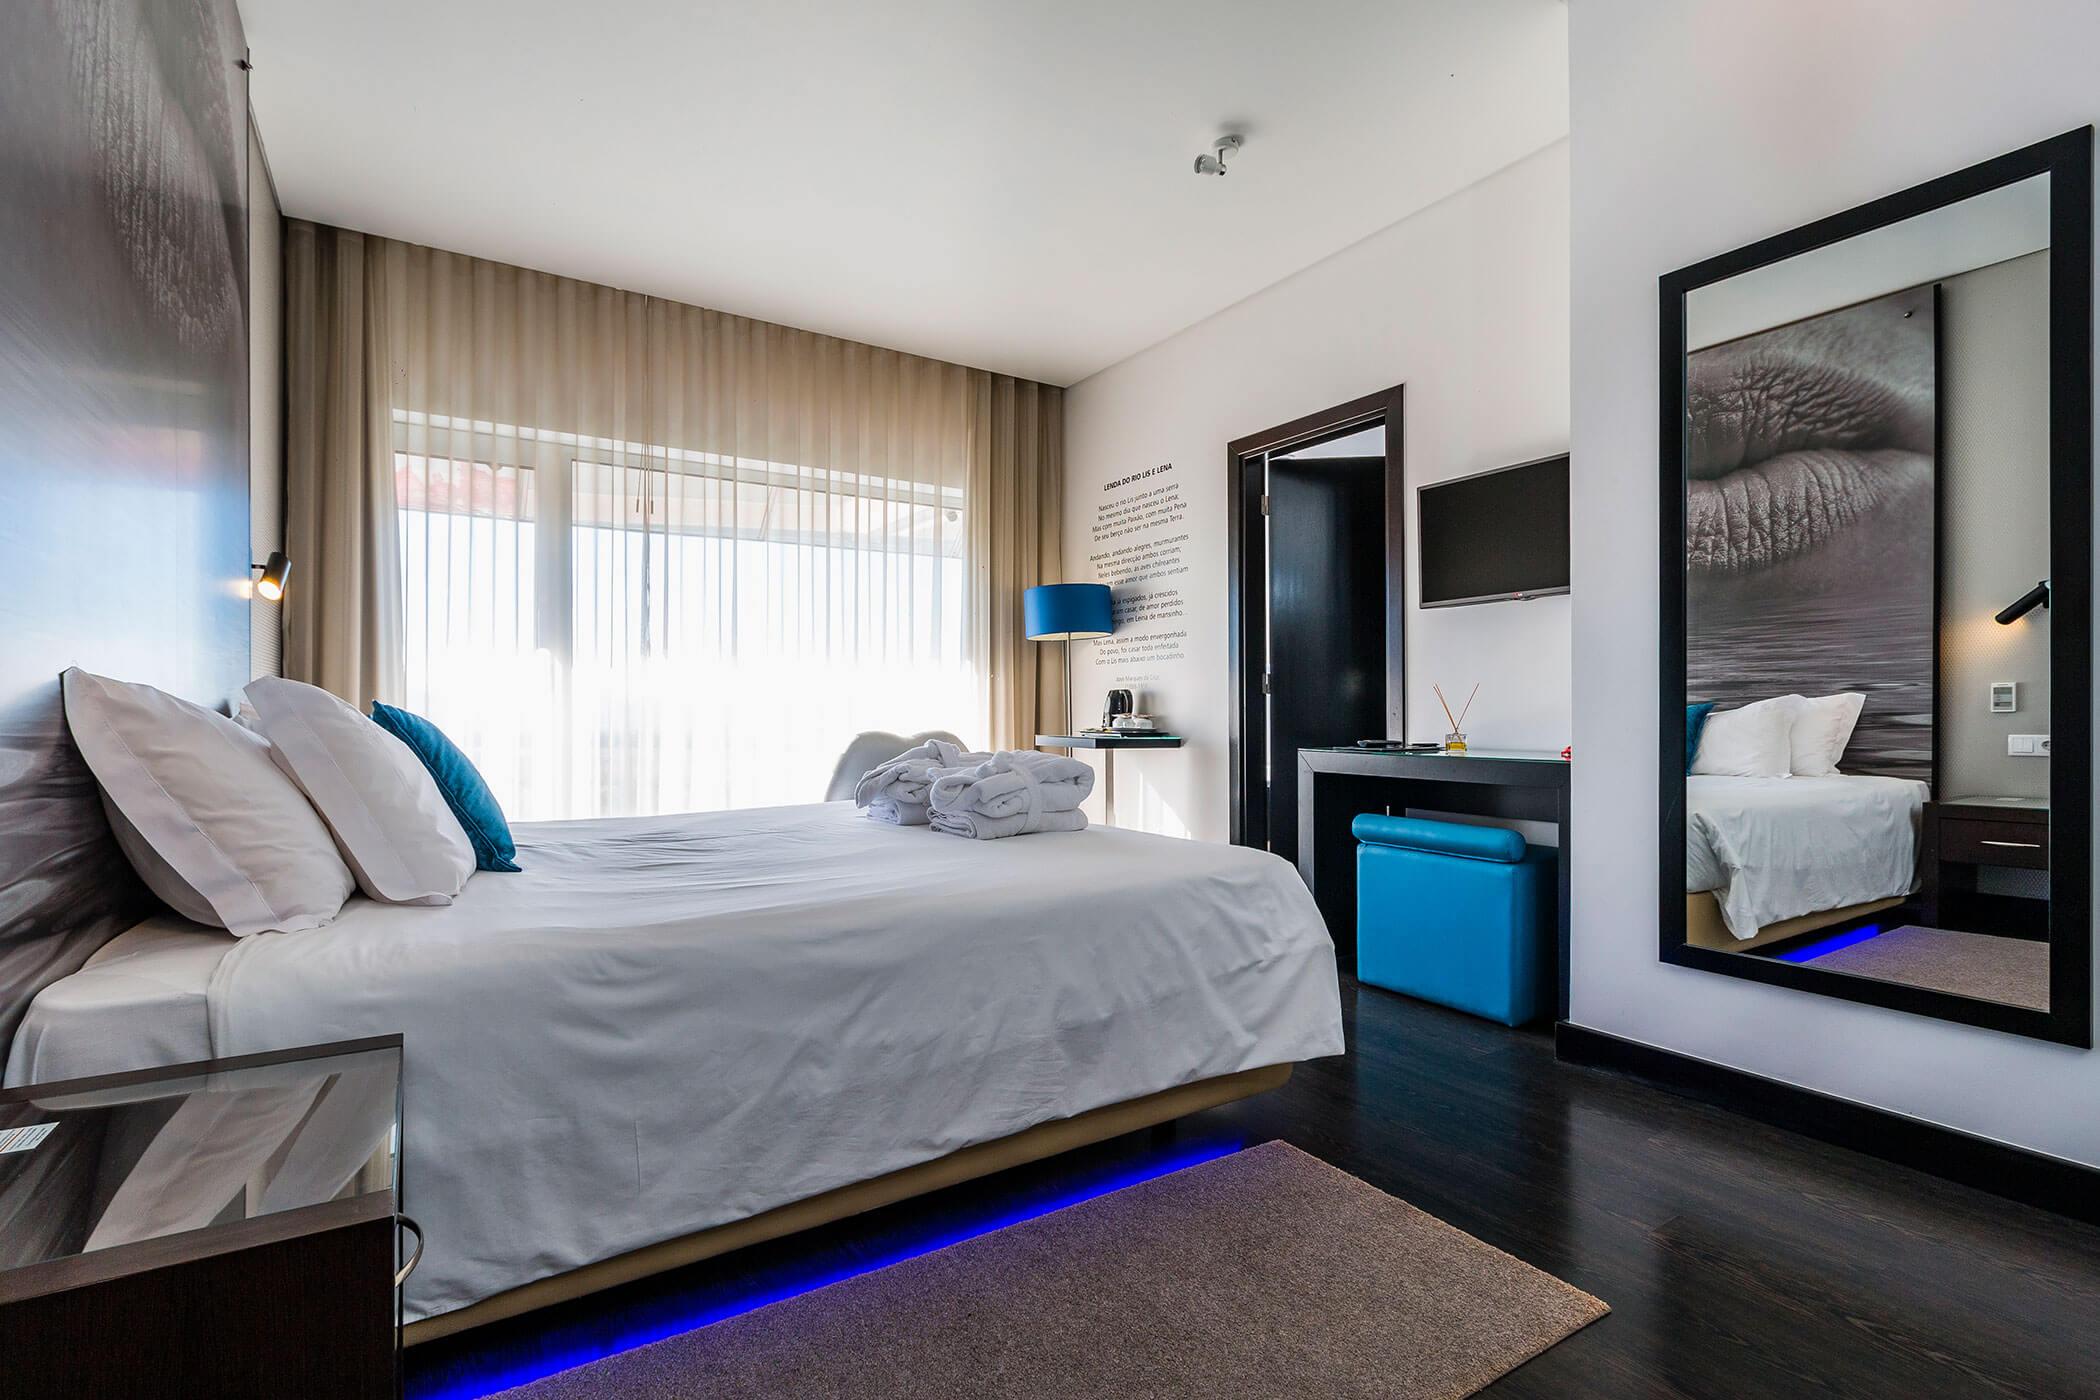 Quarto Duplo Superior Rio Lis e Lena - Lisotel Hotel e Spa, Leiria